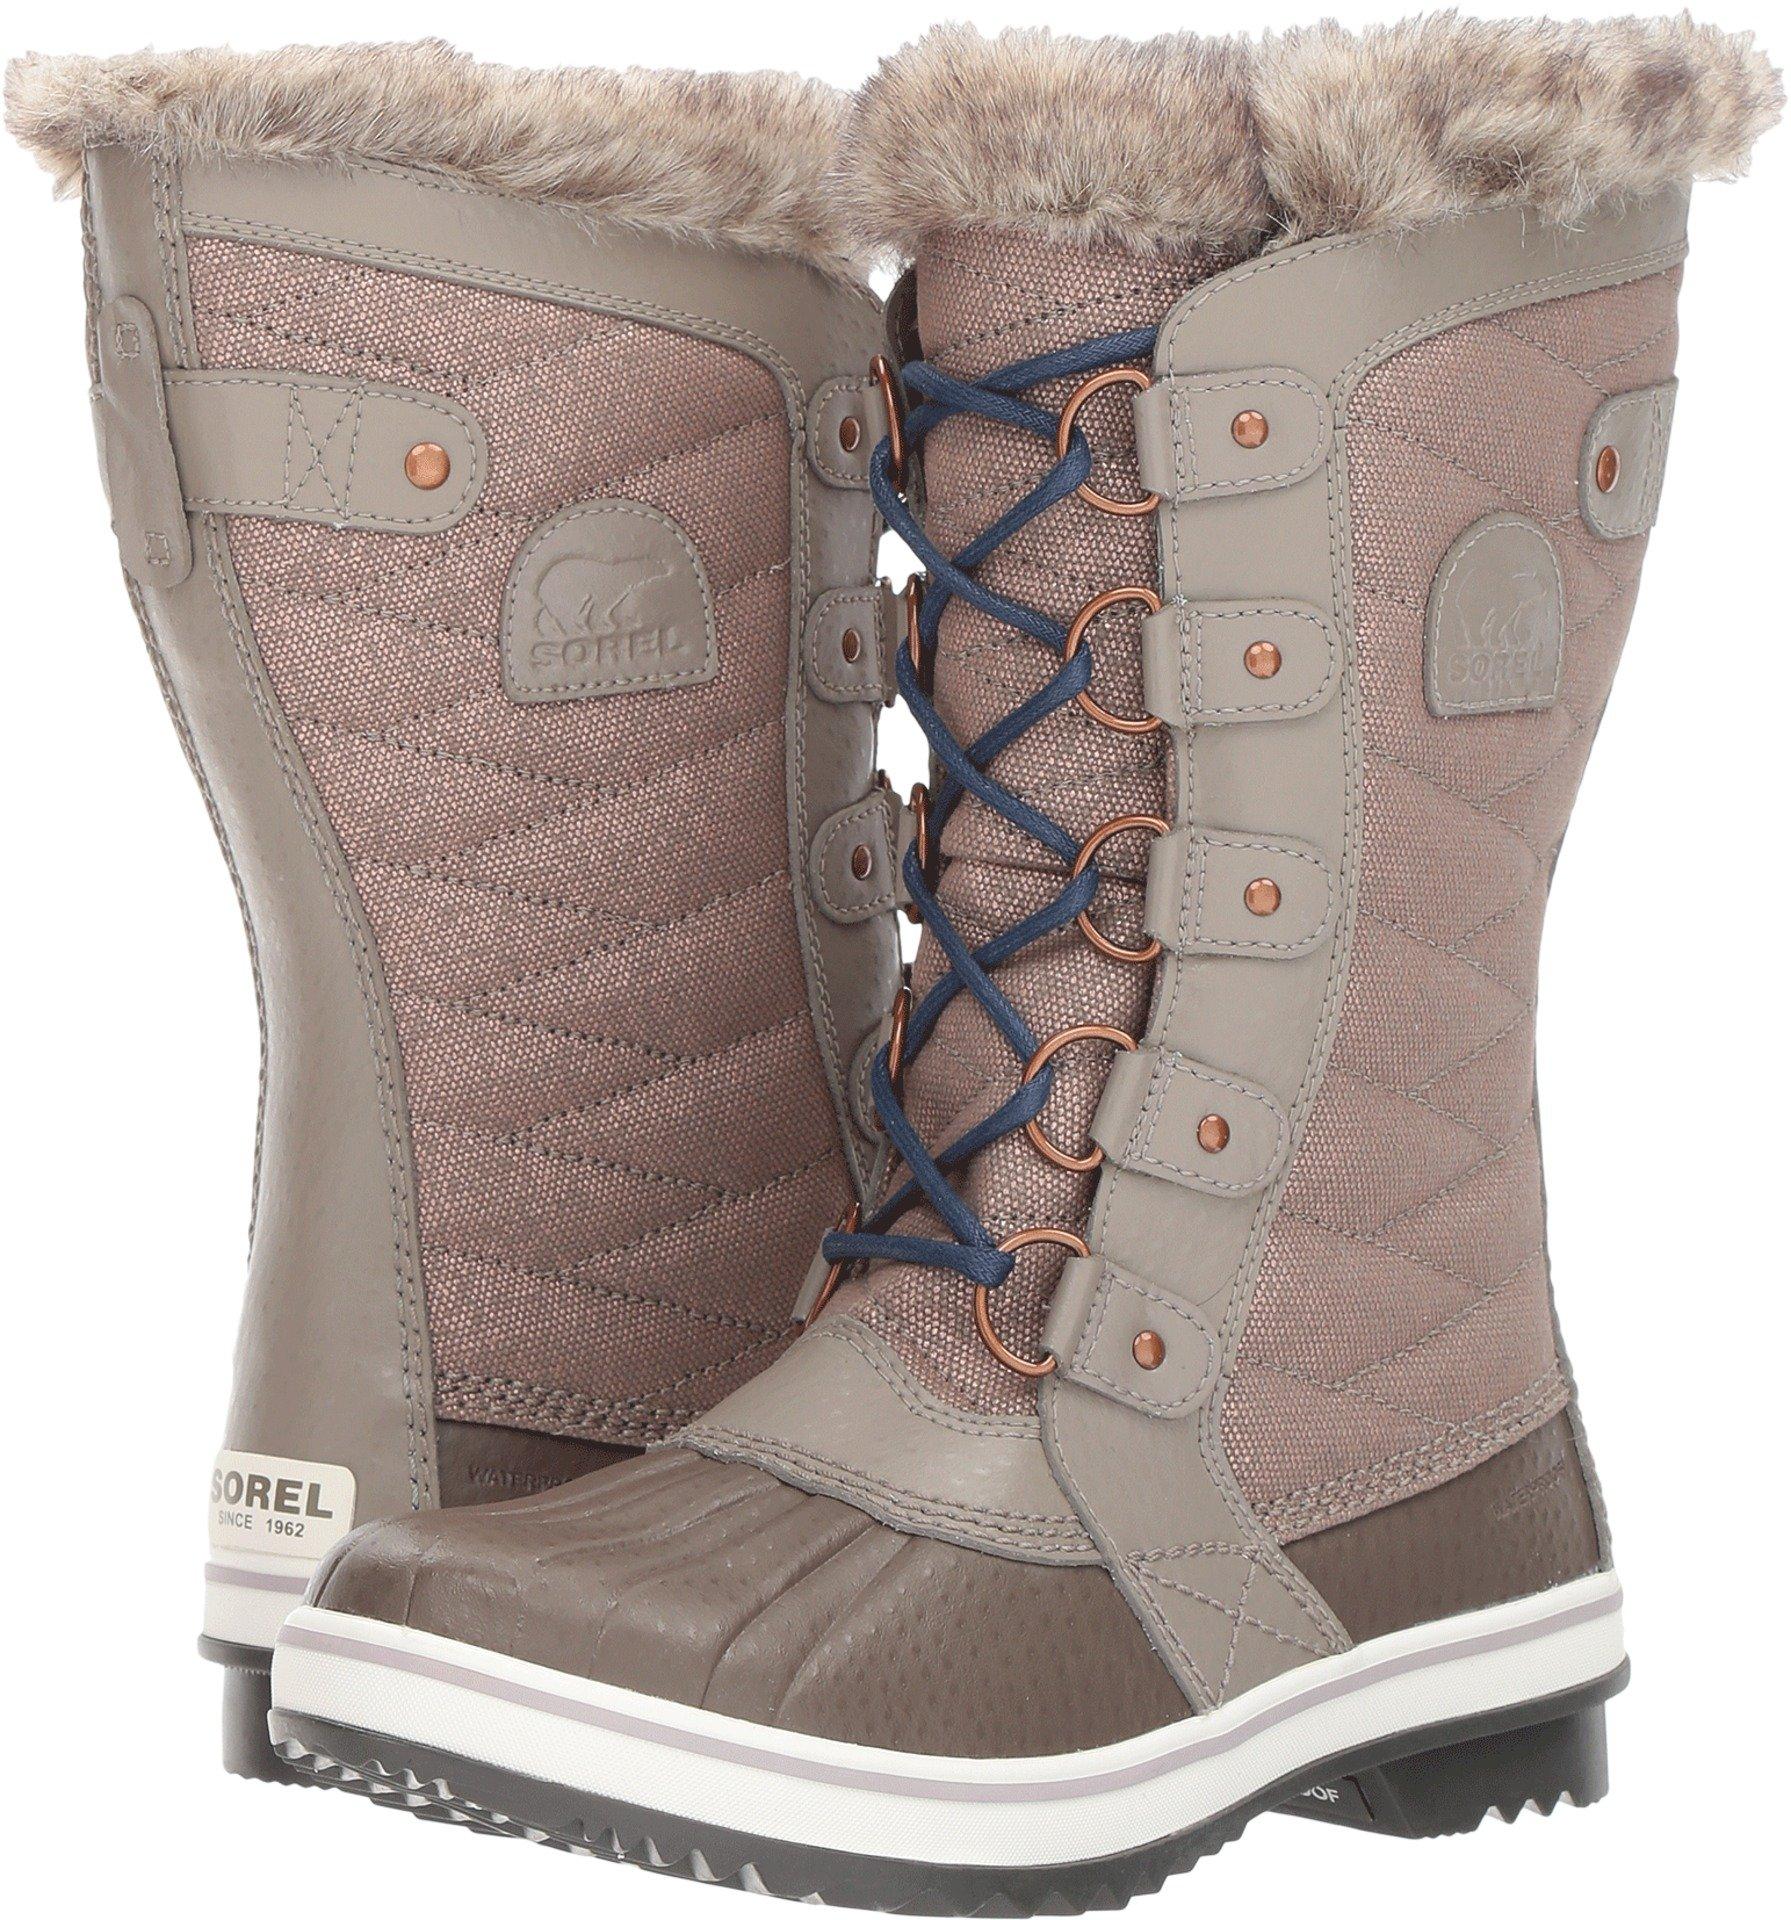 Sorel Tofino II Boot - Women's Kettle/Dusk, 11.0 by SOREL